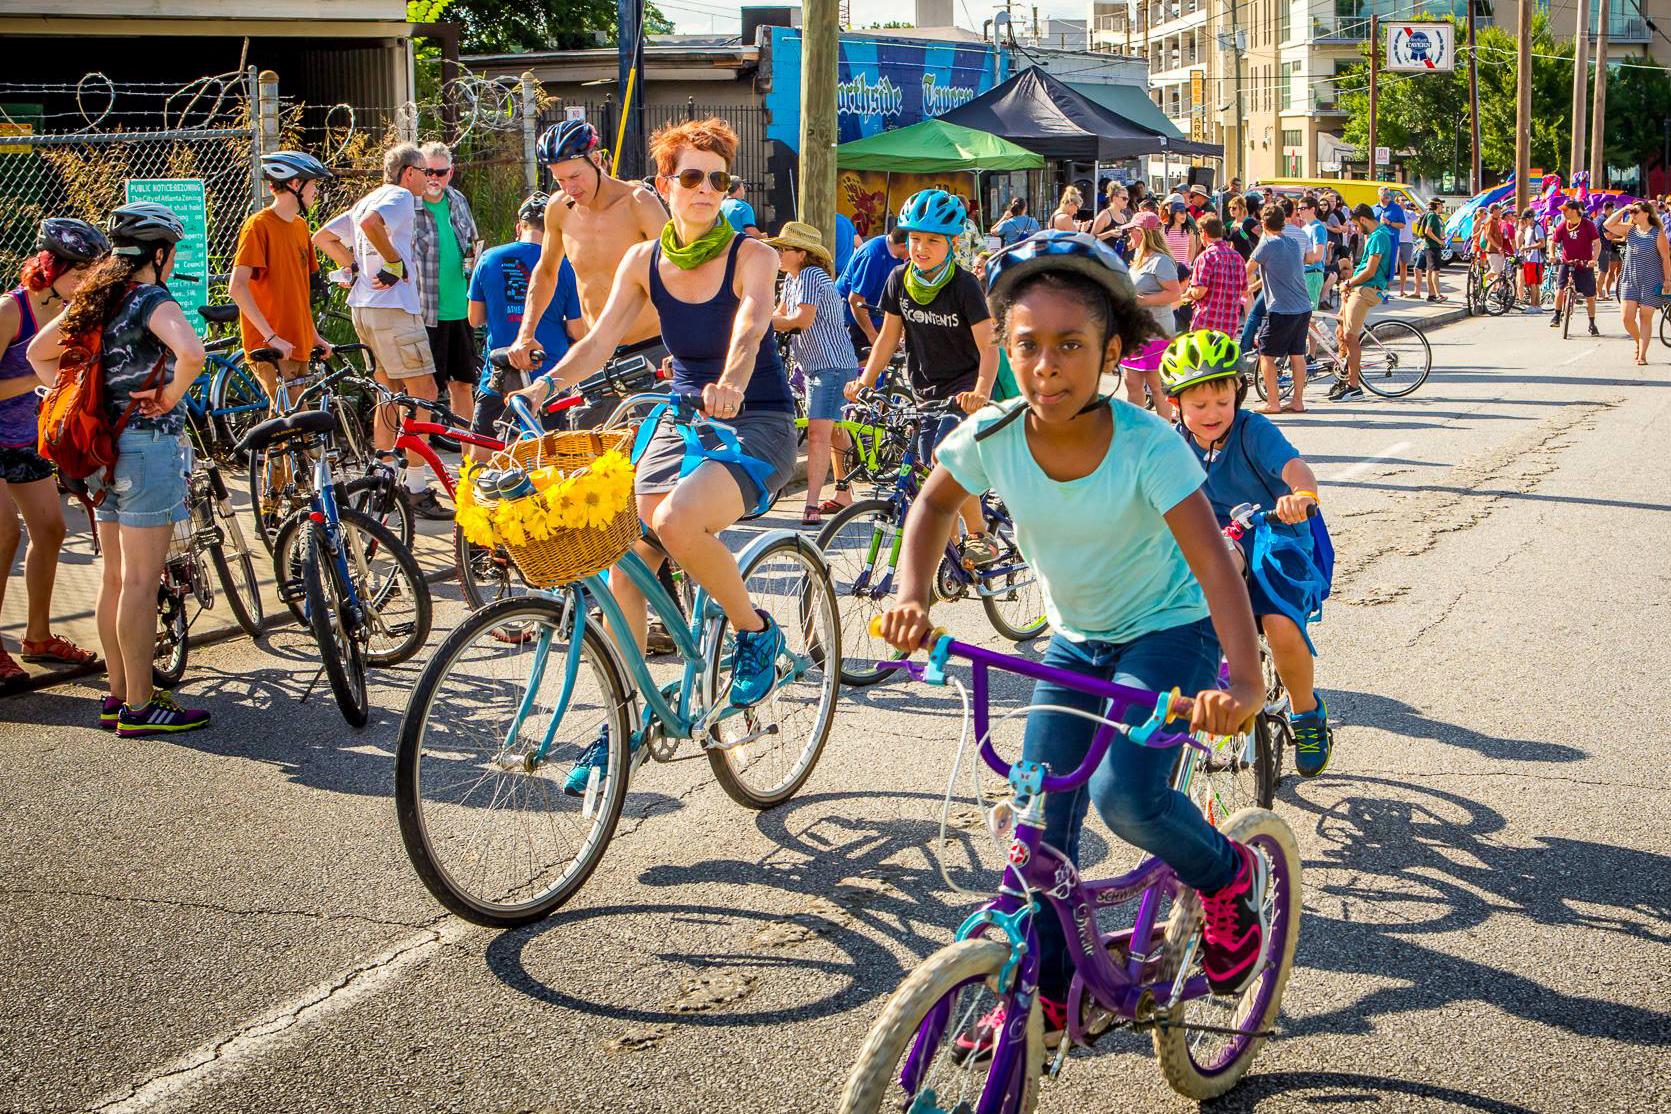 bike_parade_2.jpg